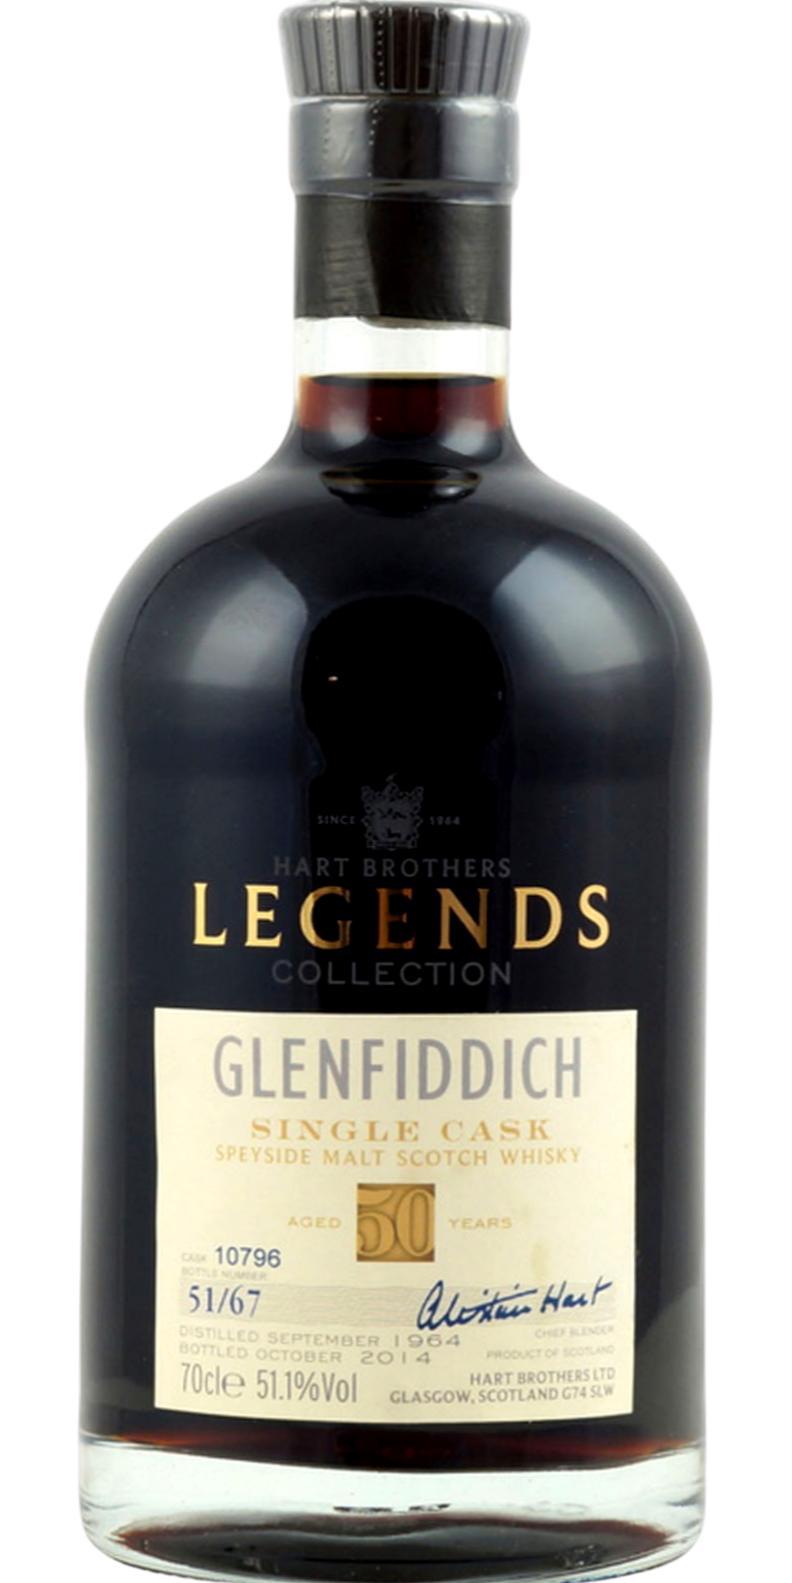 Glenfiddich 1964 HB